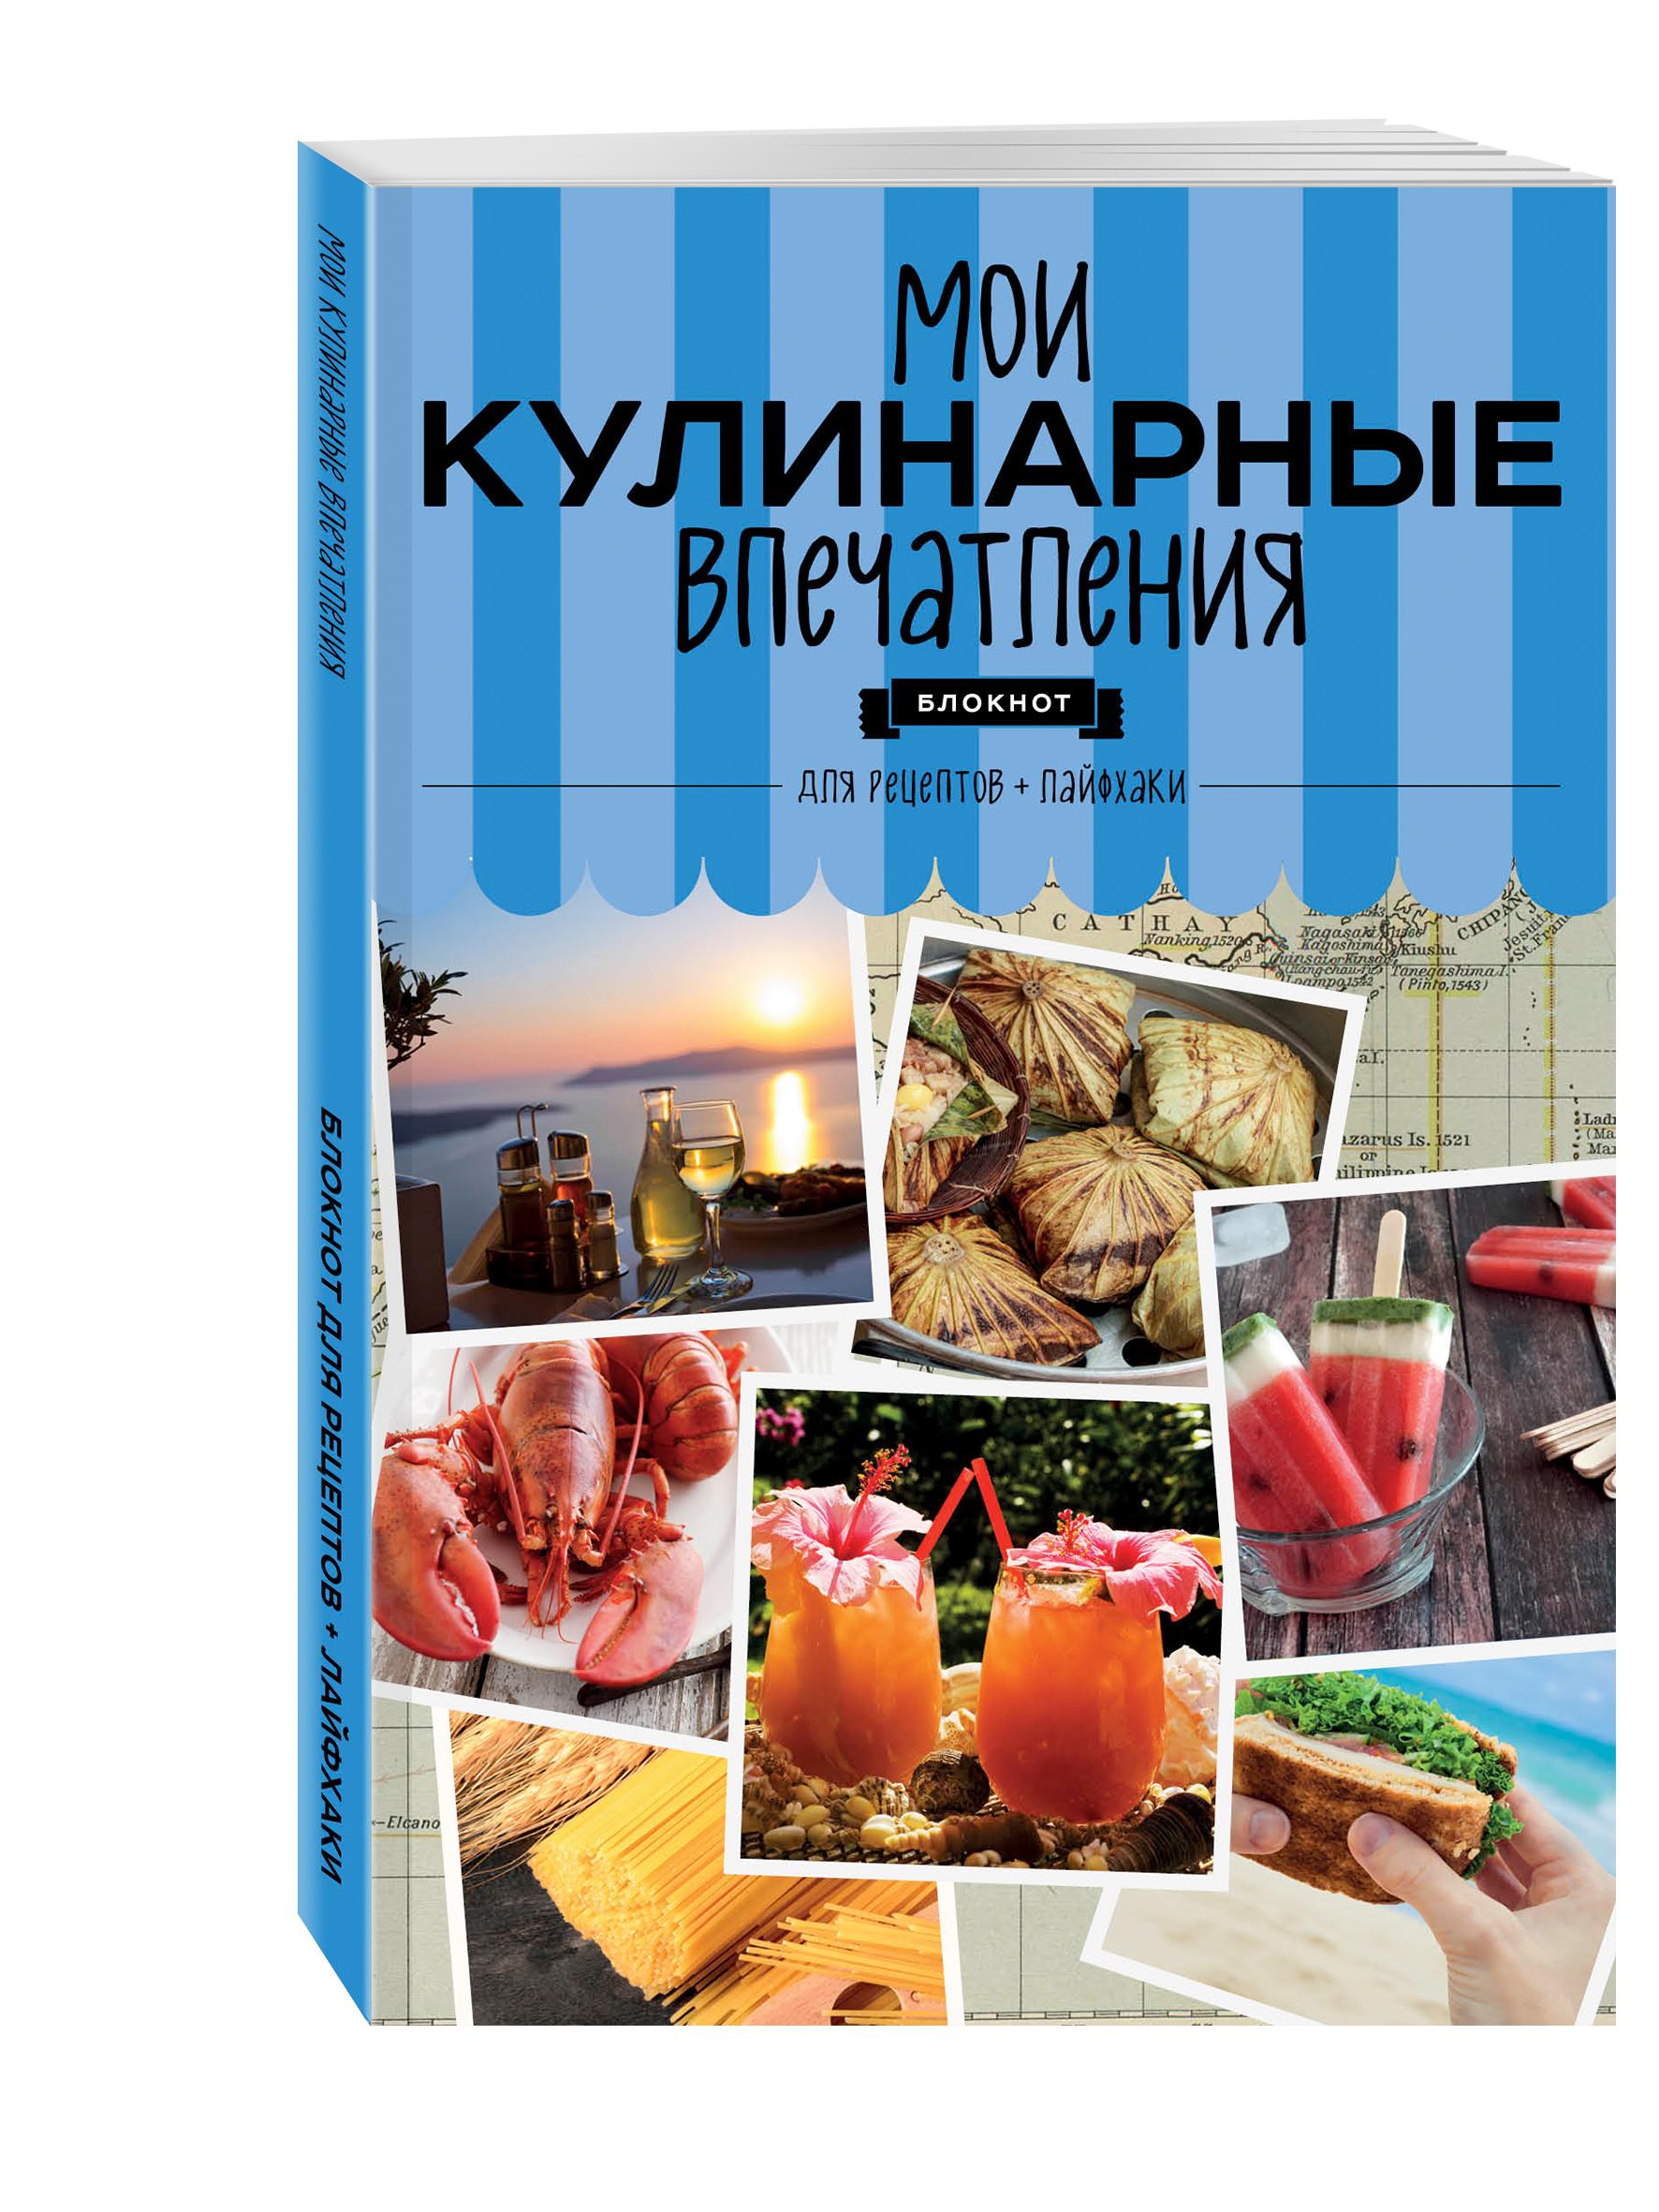 Мои кулинарные впечатления. Блокнот для записи рецептов и лайфхаков (раки) вкусные истории книга для записи рецептов